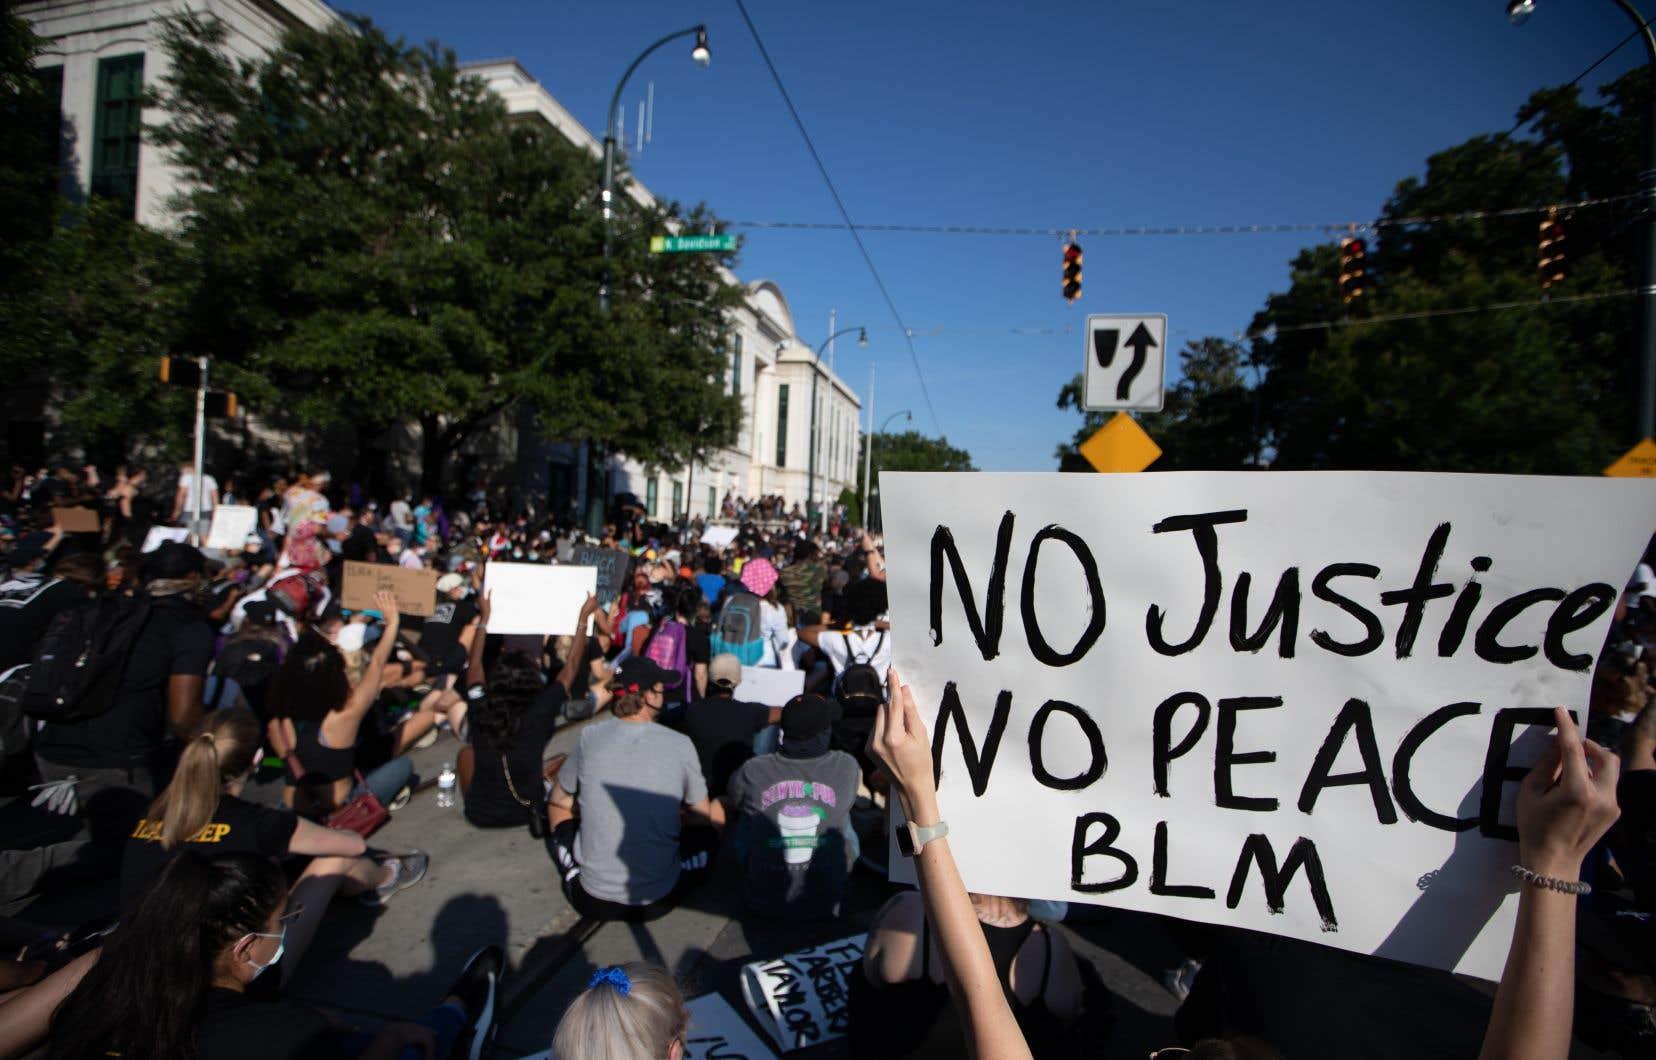 Des gens manifestent pour la fin des violences policières lors d'un rassemblement organisé dans le centre-ville de Charlotte, en Caroline du Nord.